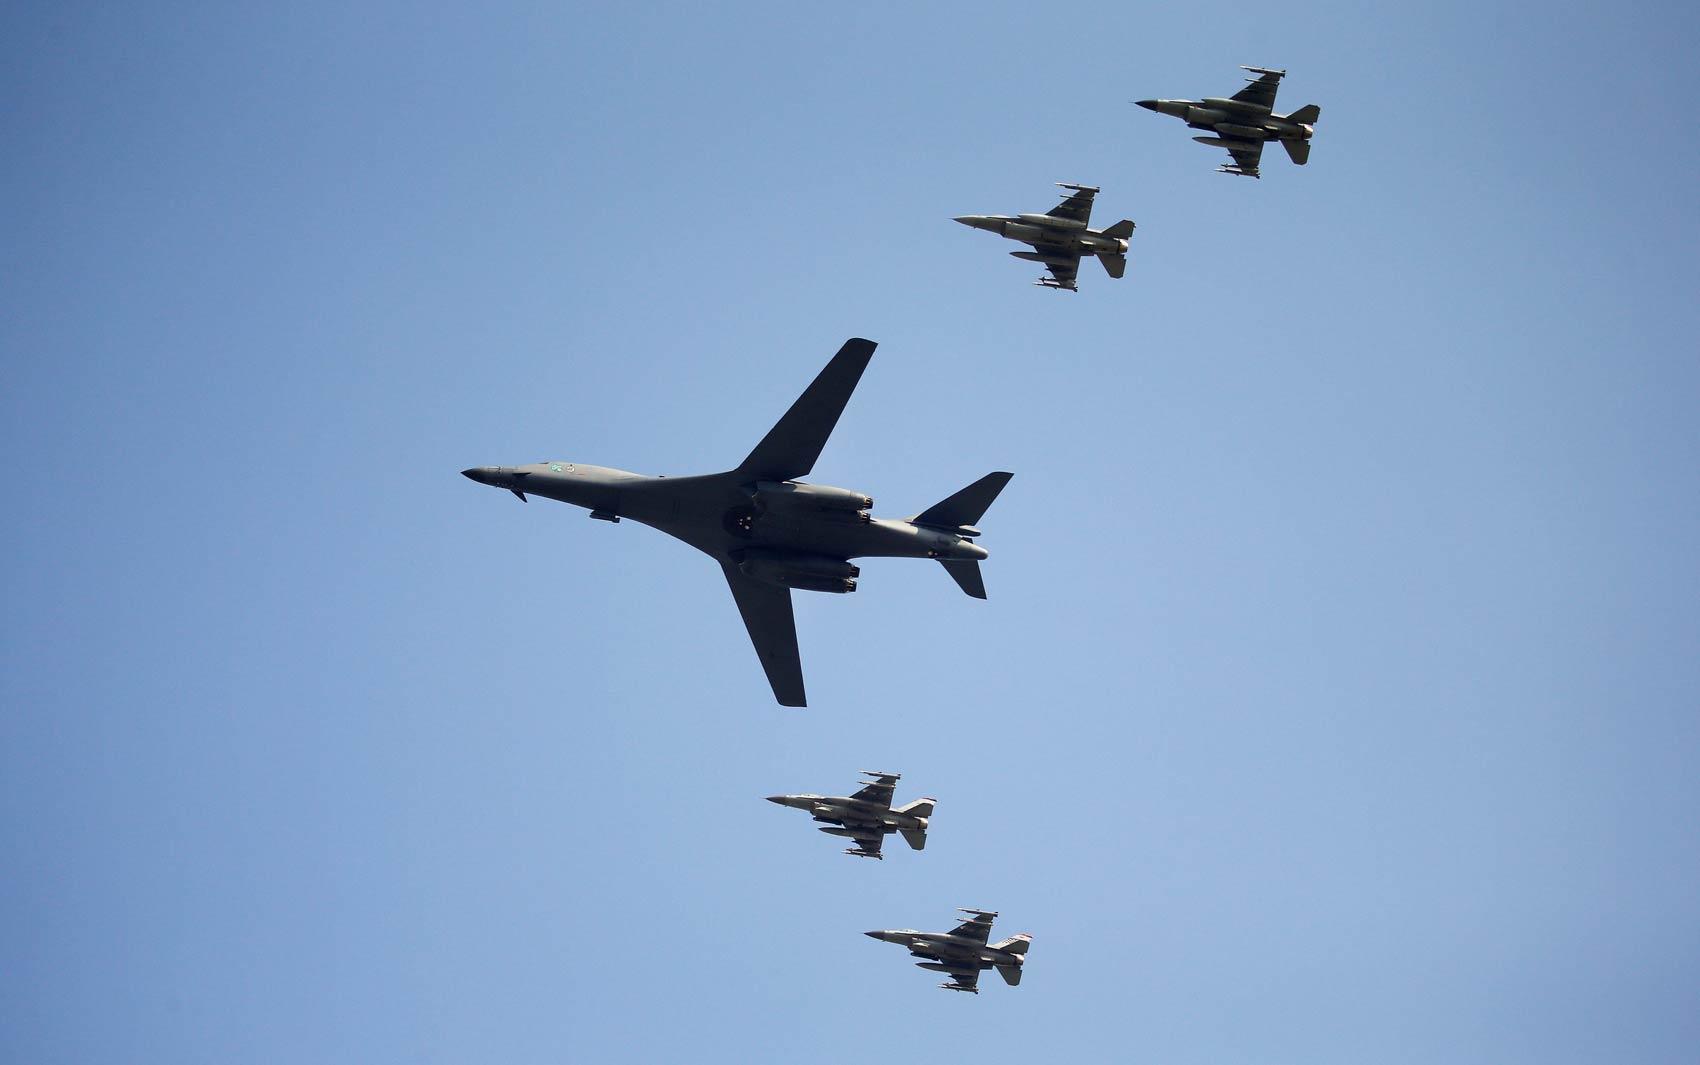 Um avião B-iB da Força Aérea Americana sobrevoa a base aérea de Osan em Pyeongtaek, na Coreia do Sul